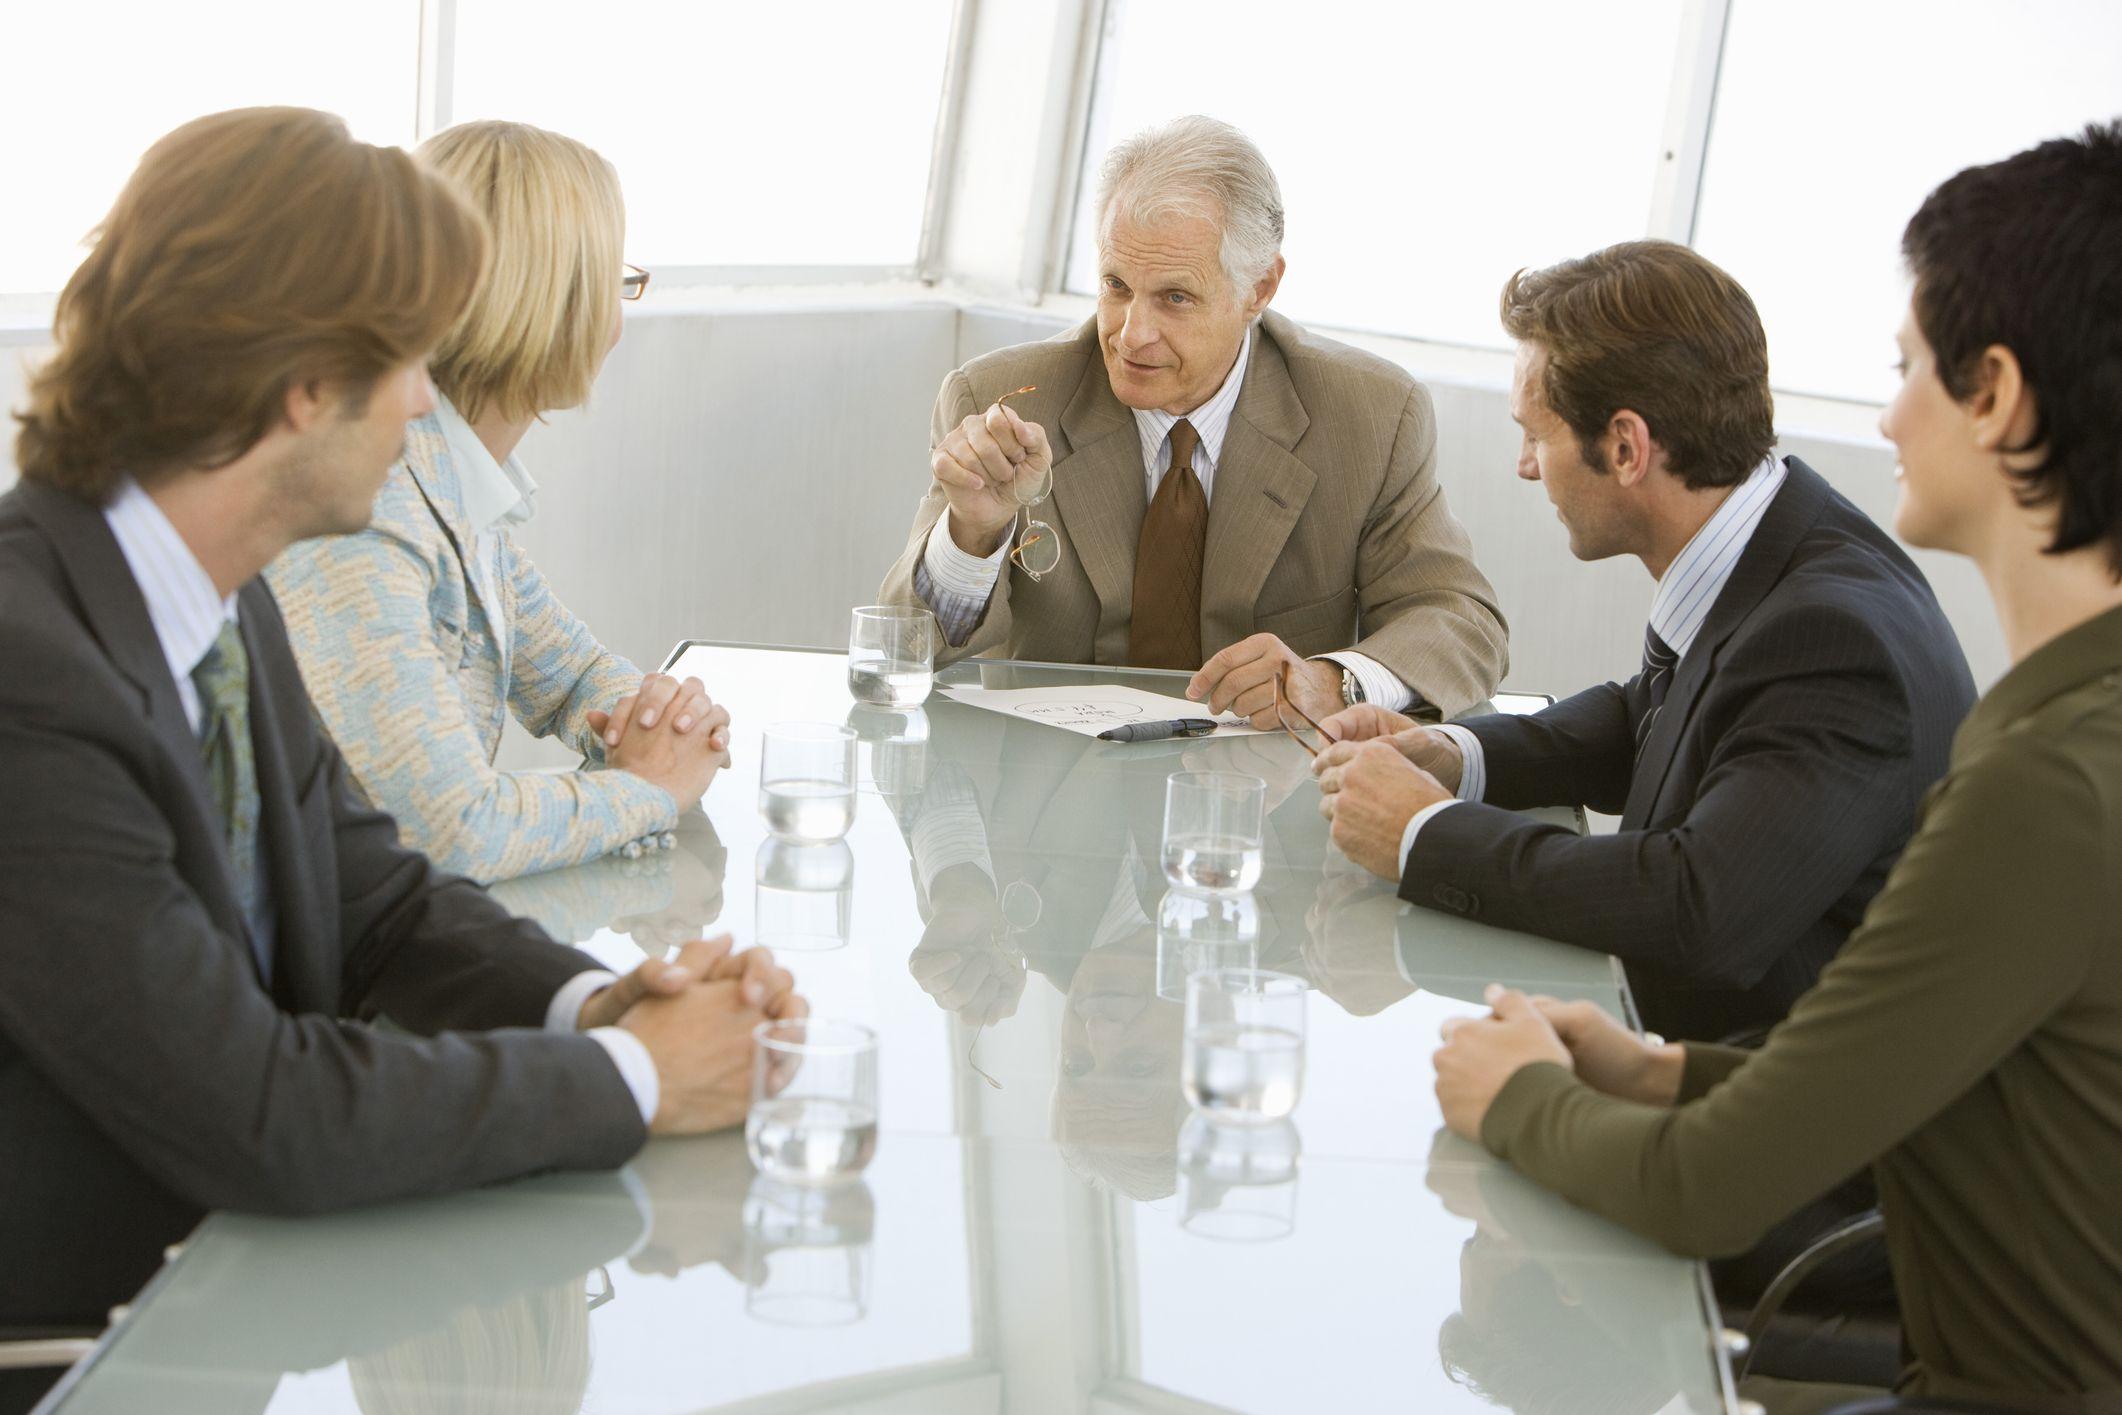 Brak absolutorium dla członków zarządu spółki – czym grozi i co powoduje w spółce